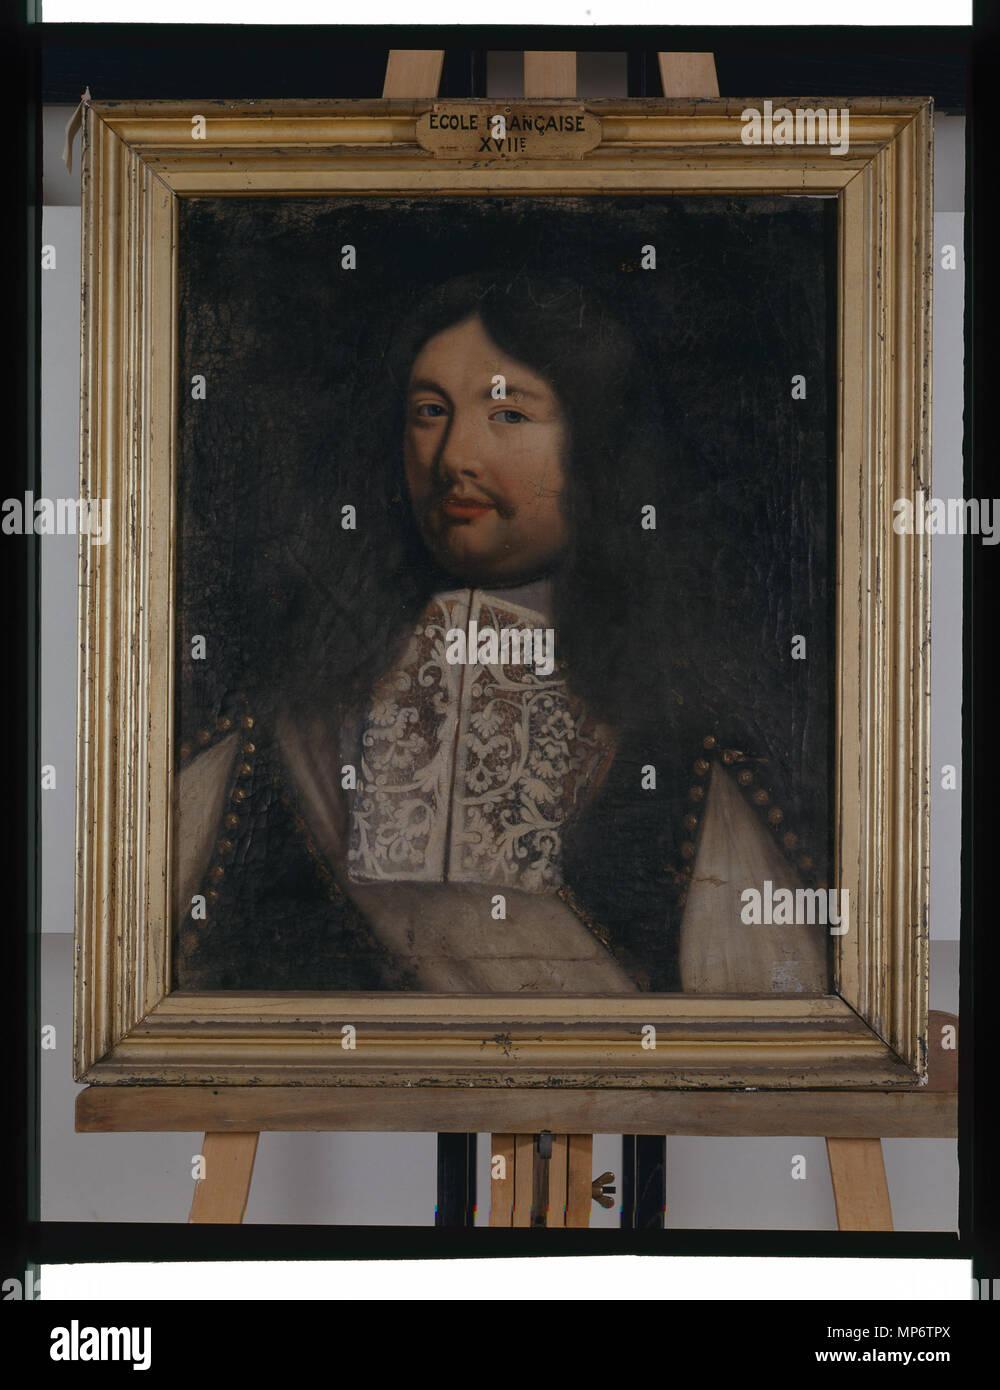 1015 Retrato de seigneur - anonyme - Musée d'art et d'histoire de Saint-Brieuc Foto de stock